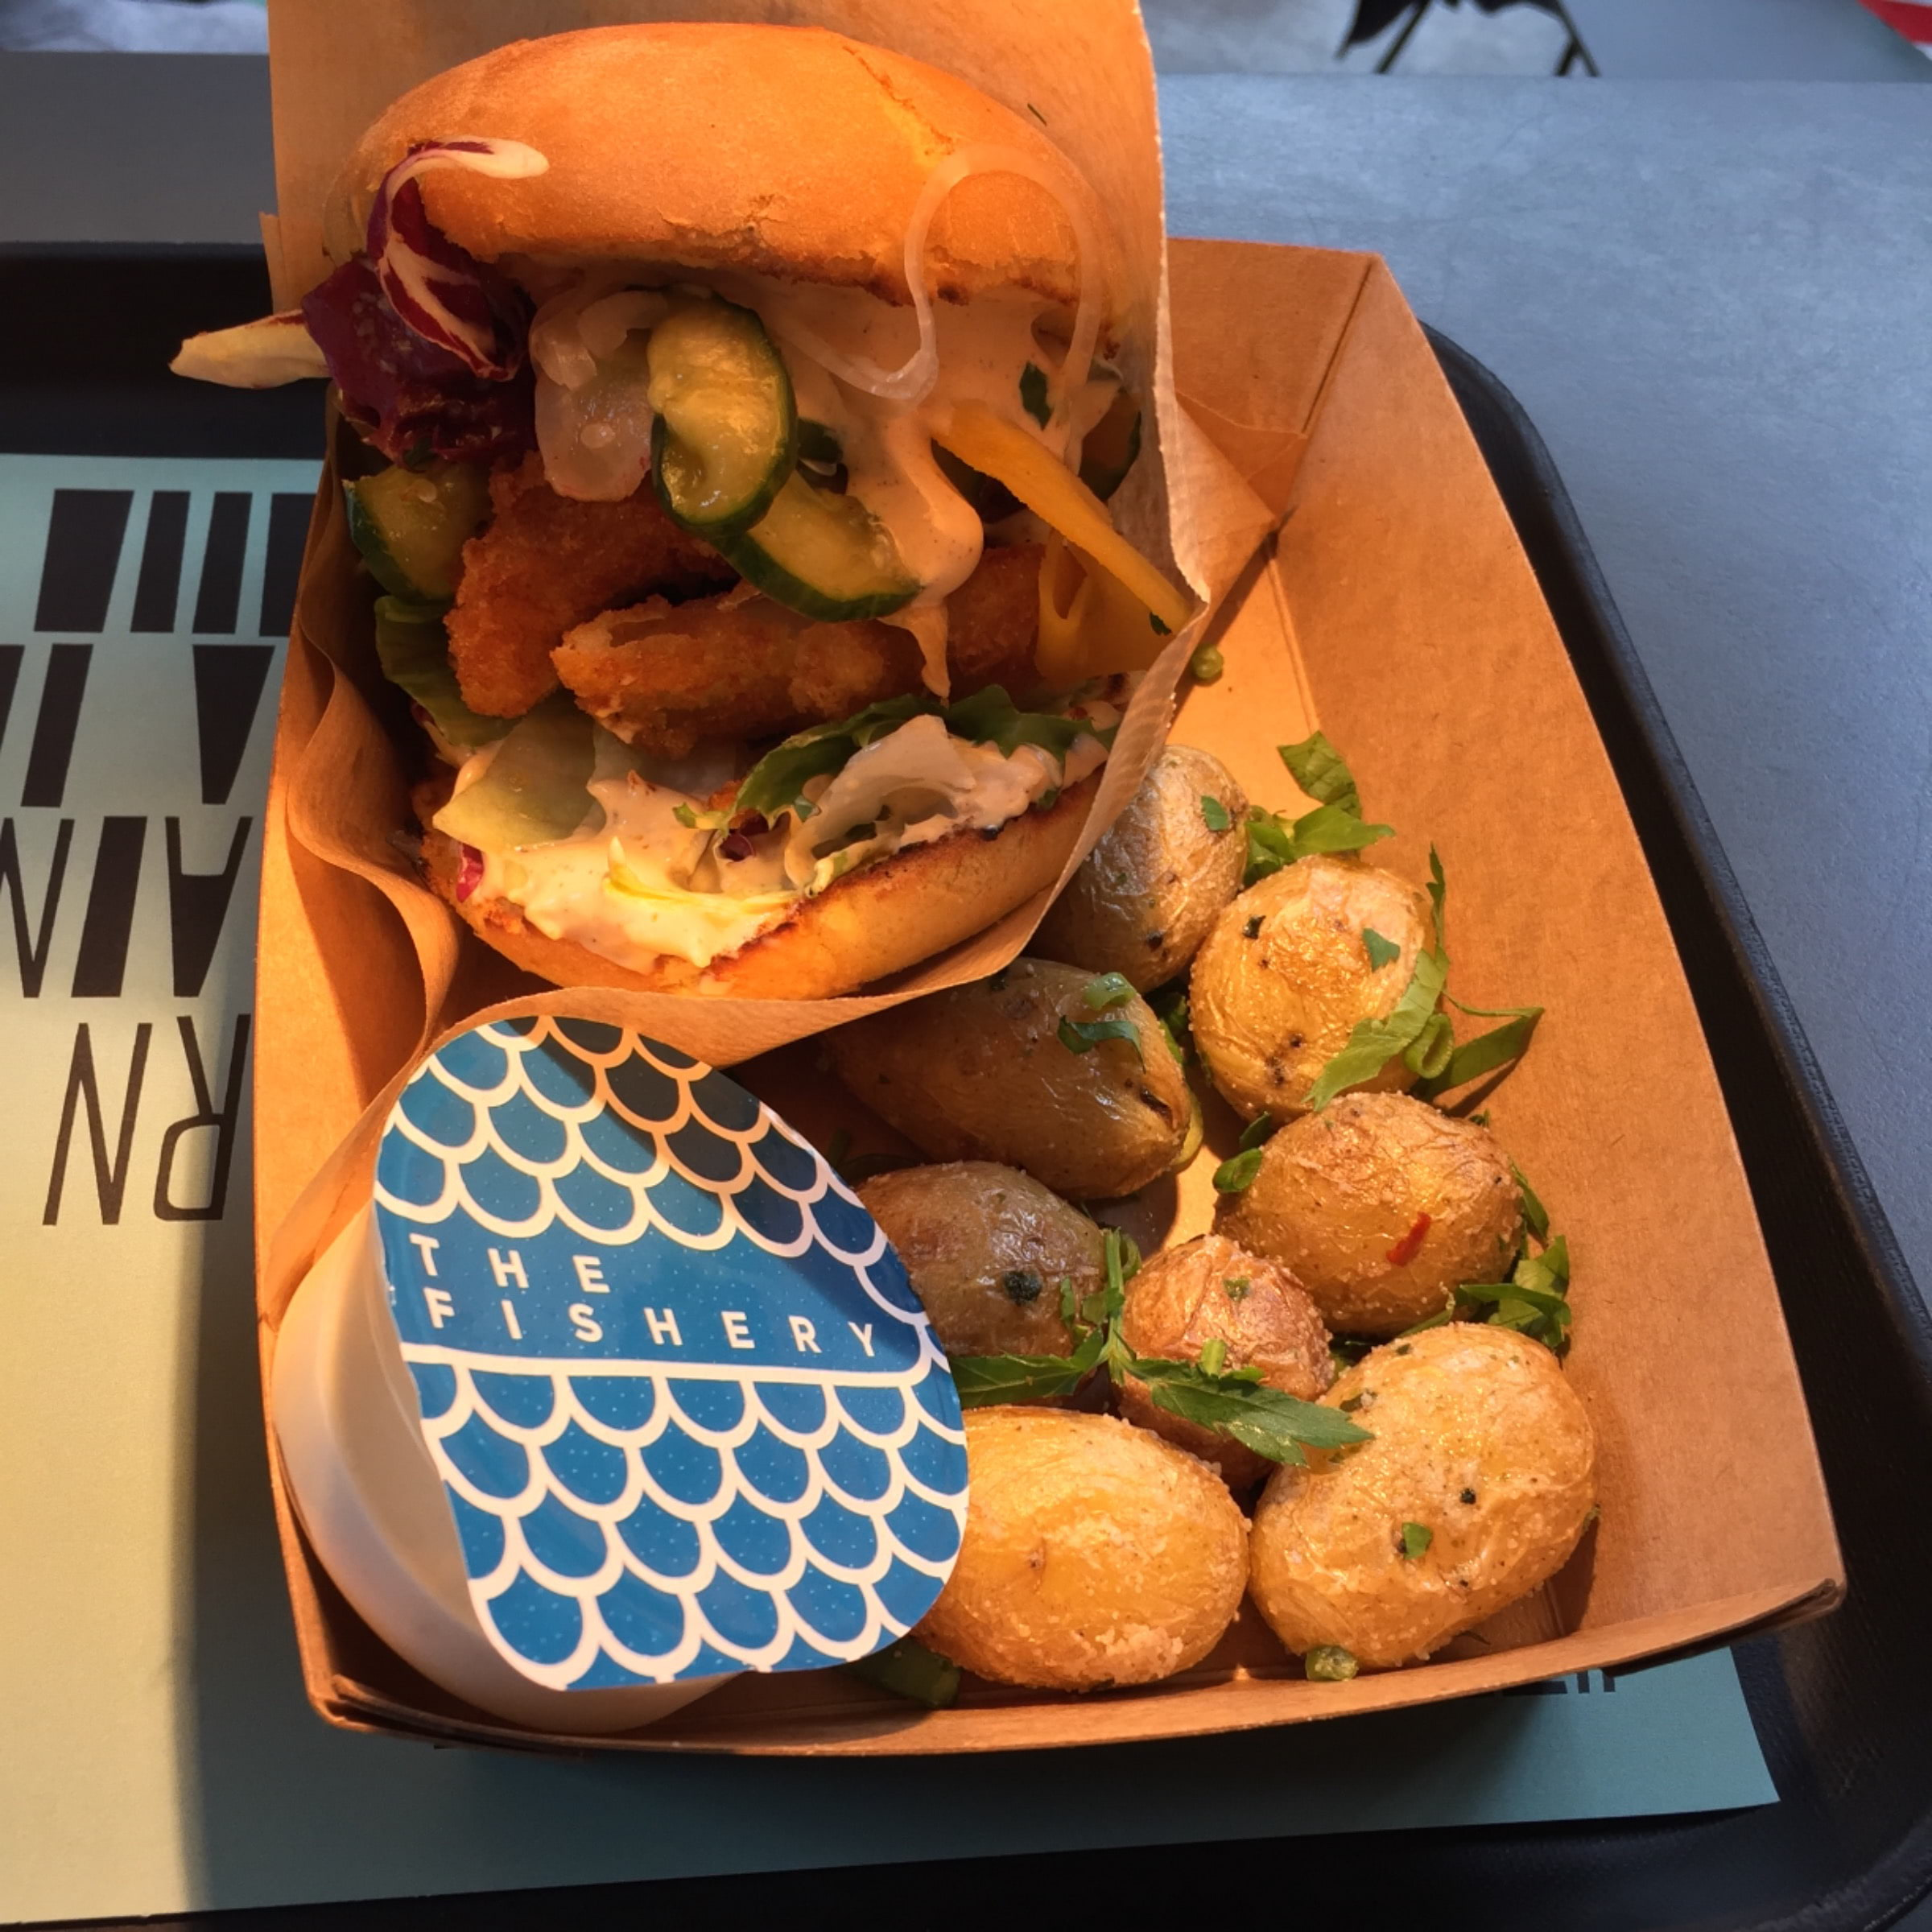 Fishery Burger med småpotatis och dipp – Bild från The Fishery Teatern av Peter B.